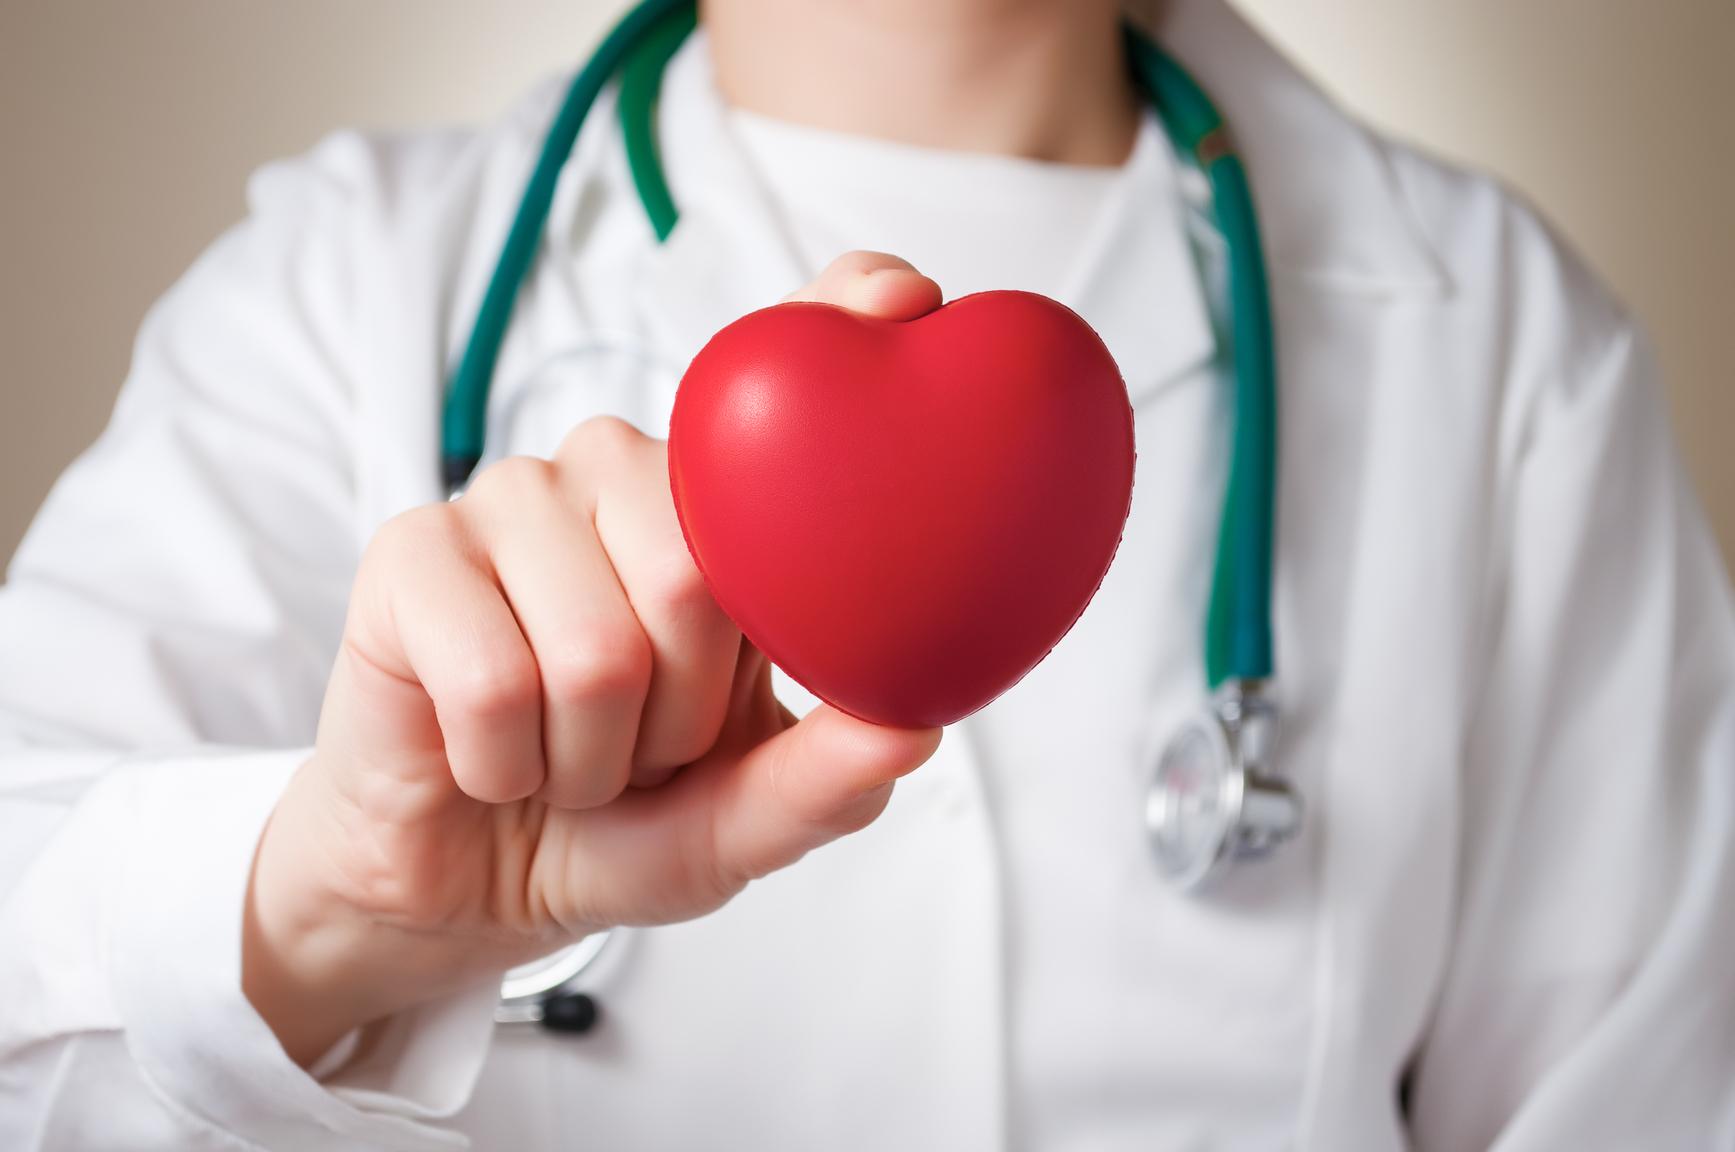 Heart in doctor's hand